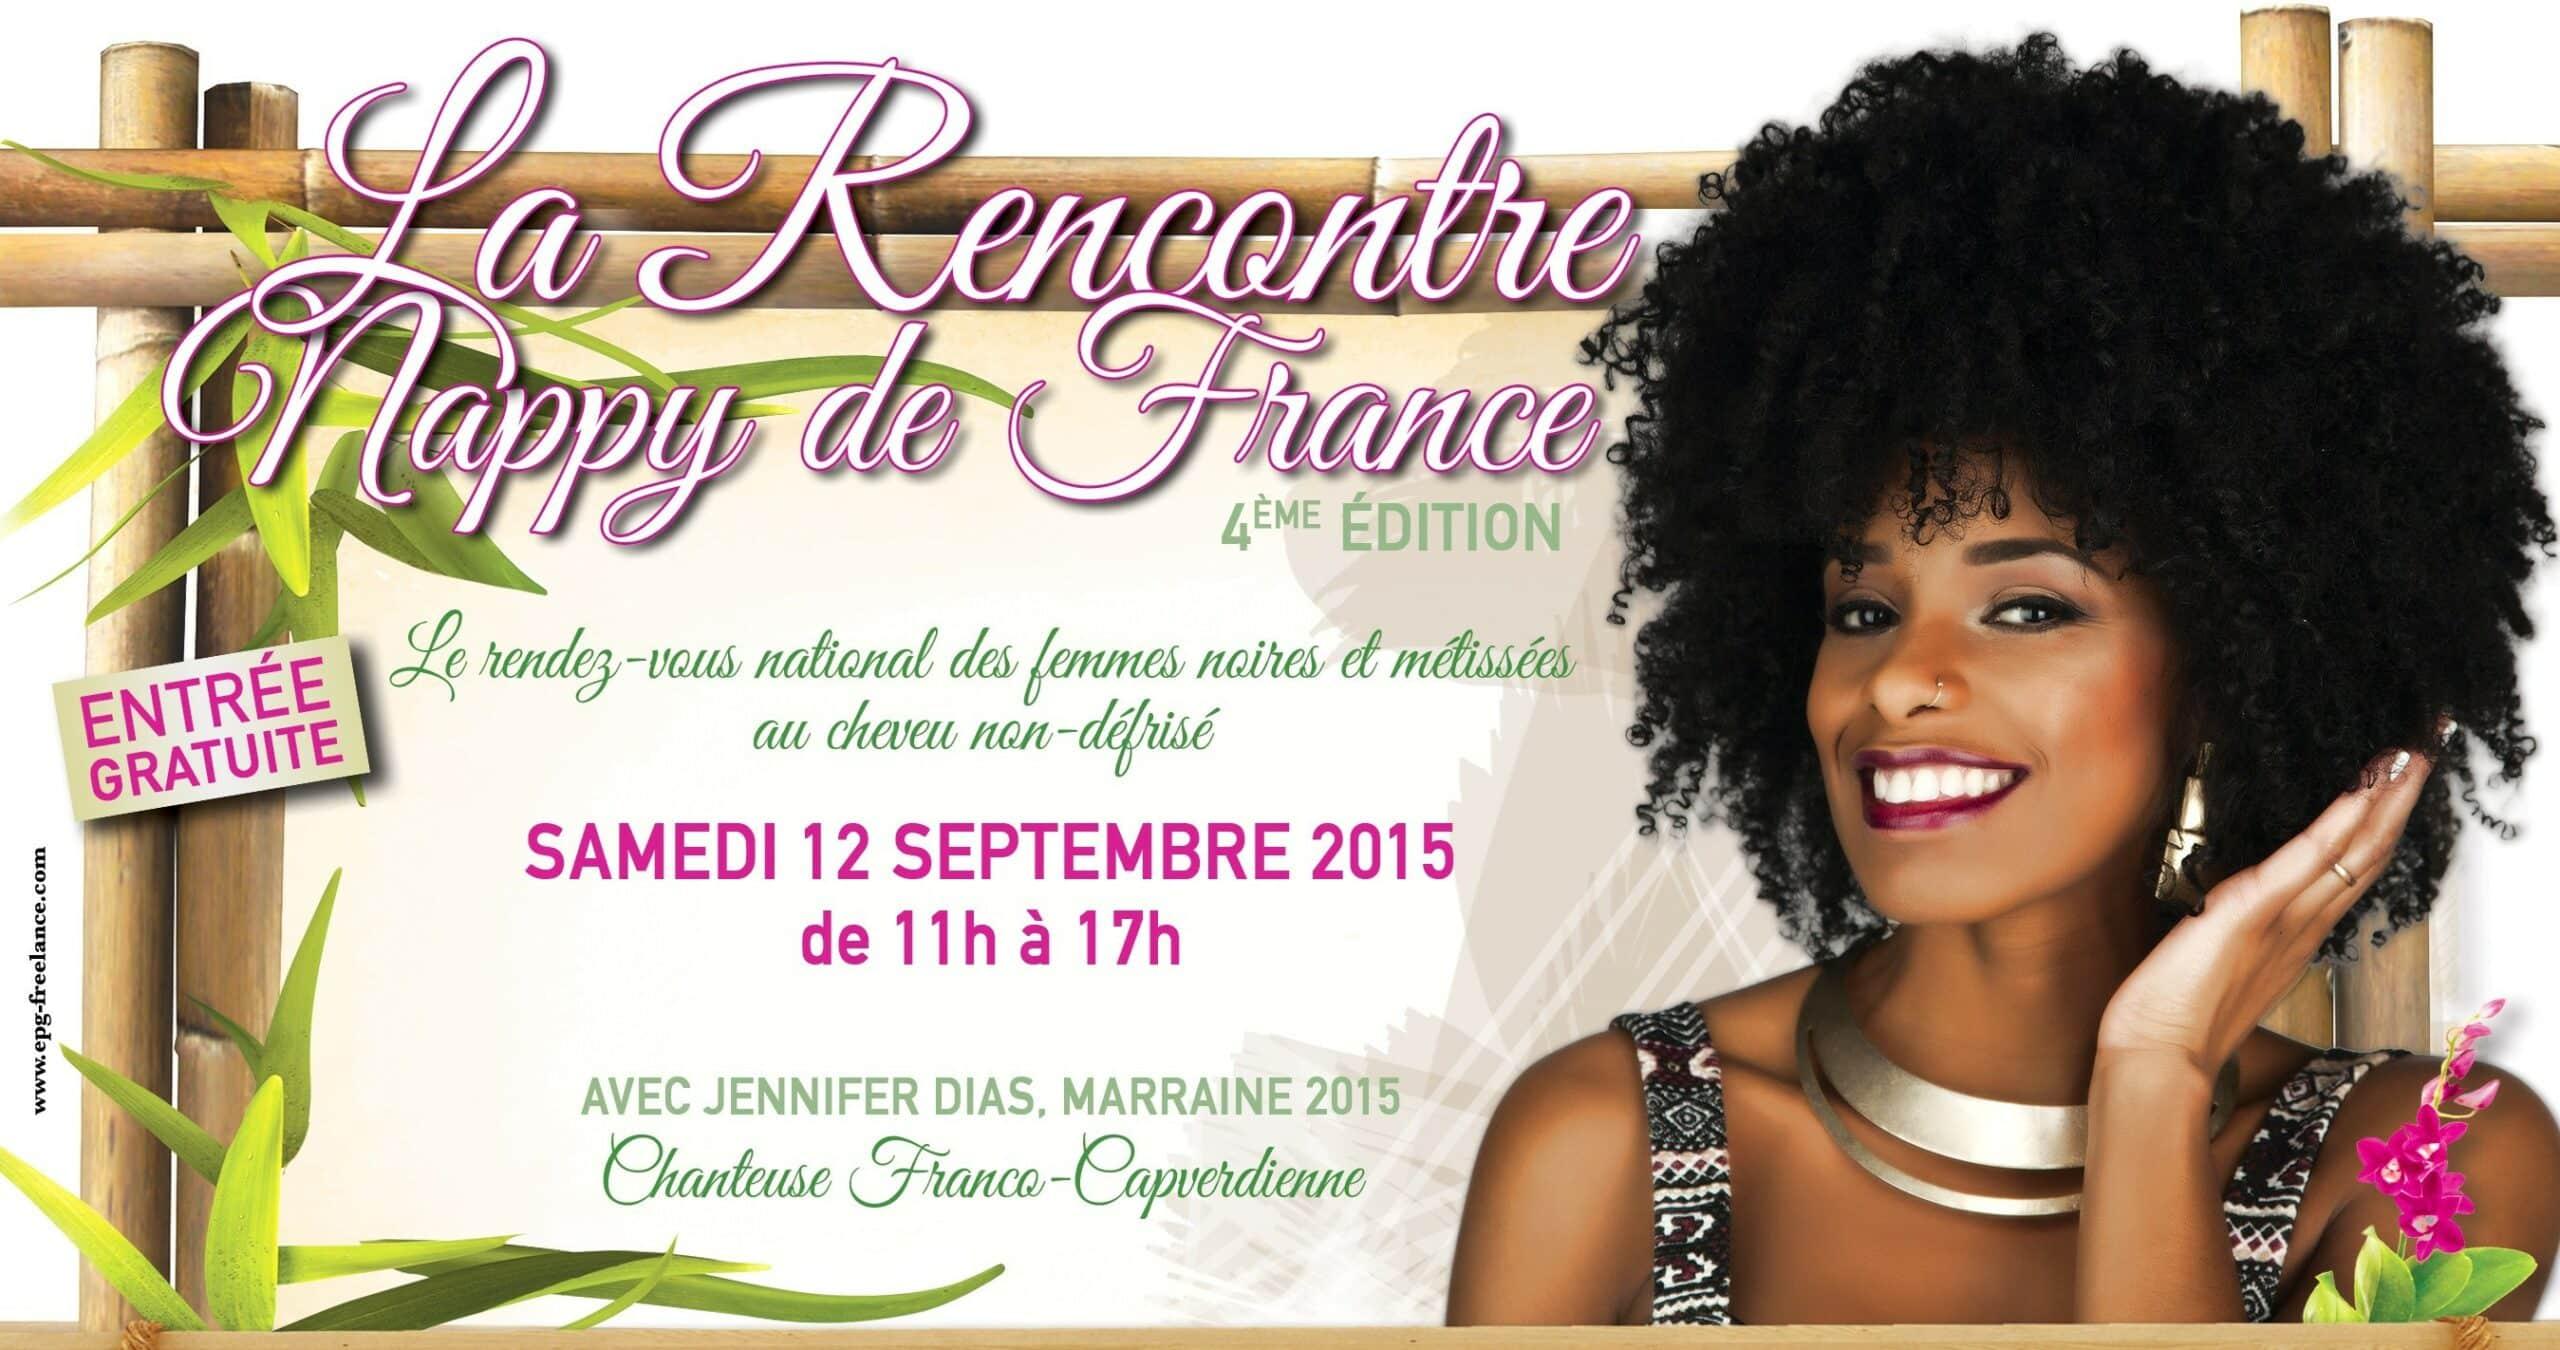 La 4ème Rencontre des Nappy de France